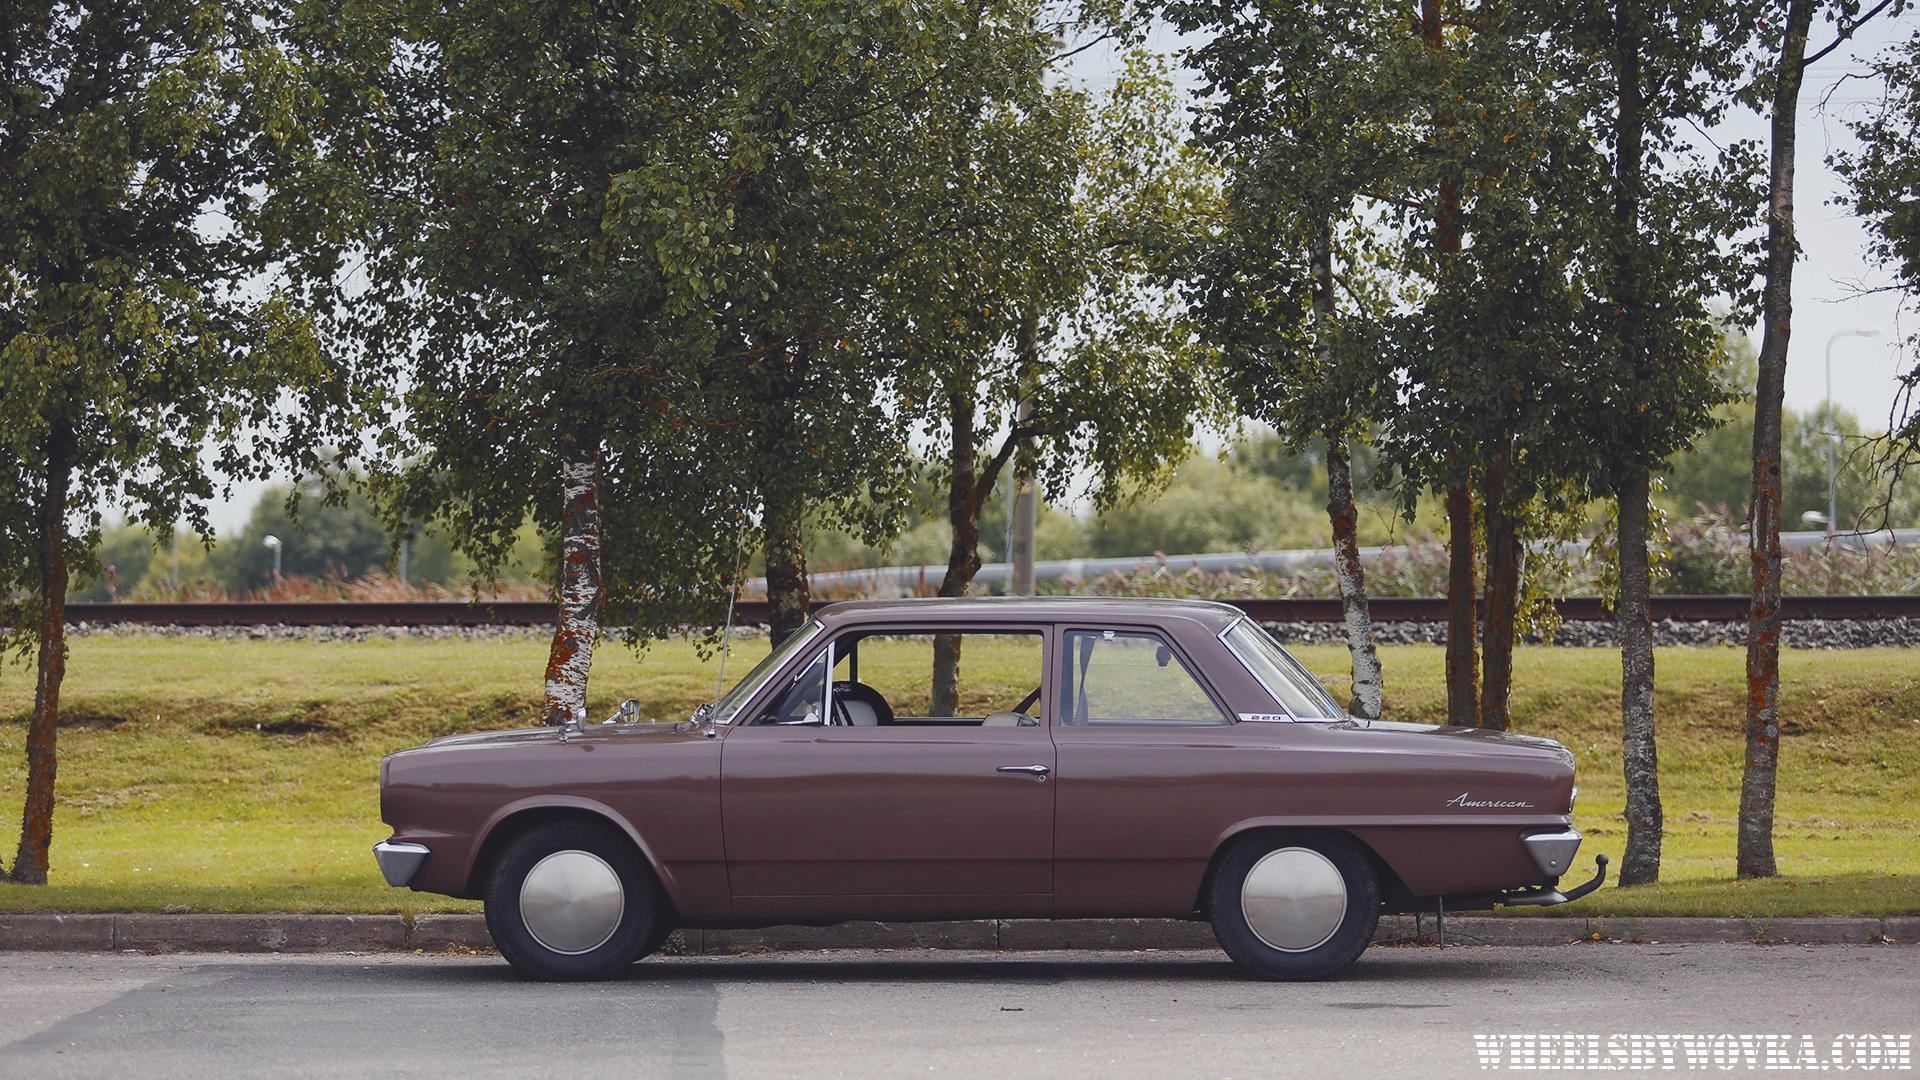 diskustom-magazine-kruise-nite-by-wheelsbywovka-18